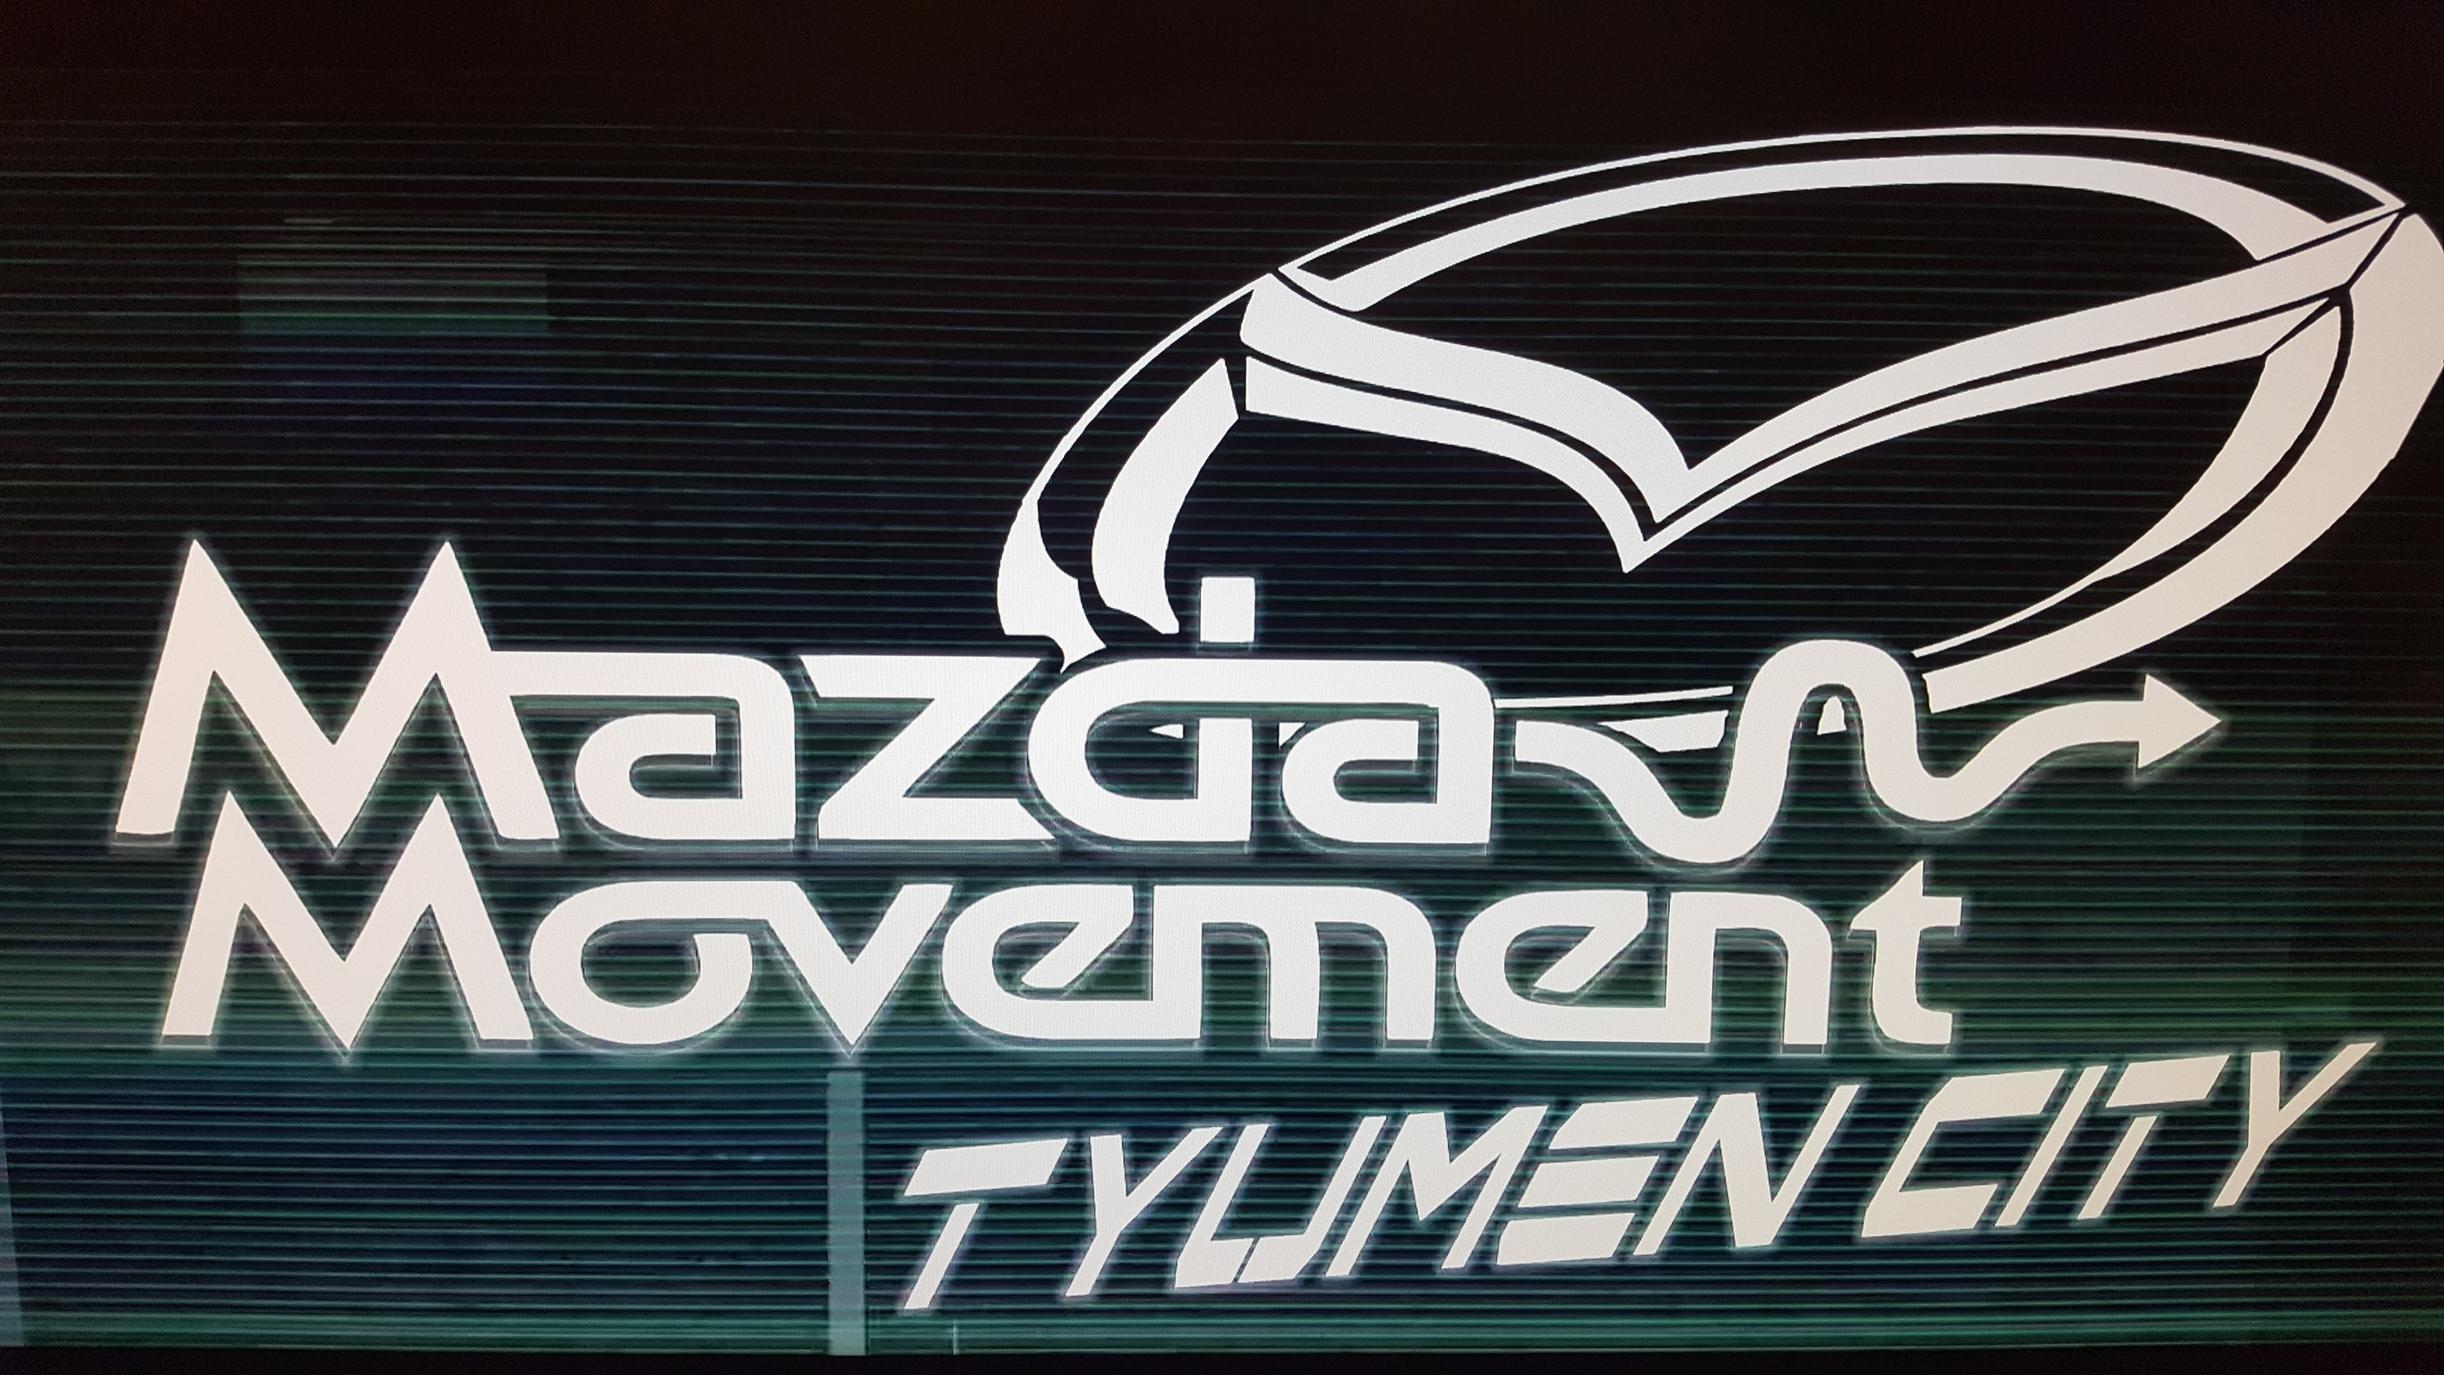 MazdaMovement Takes Over Tyumen City, Russia